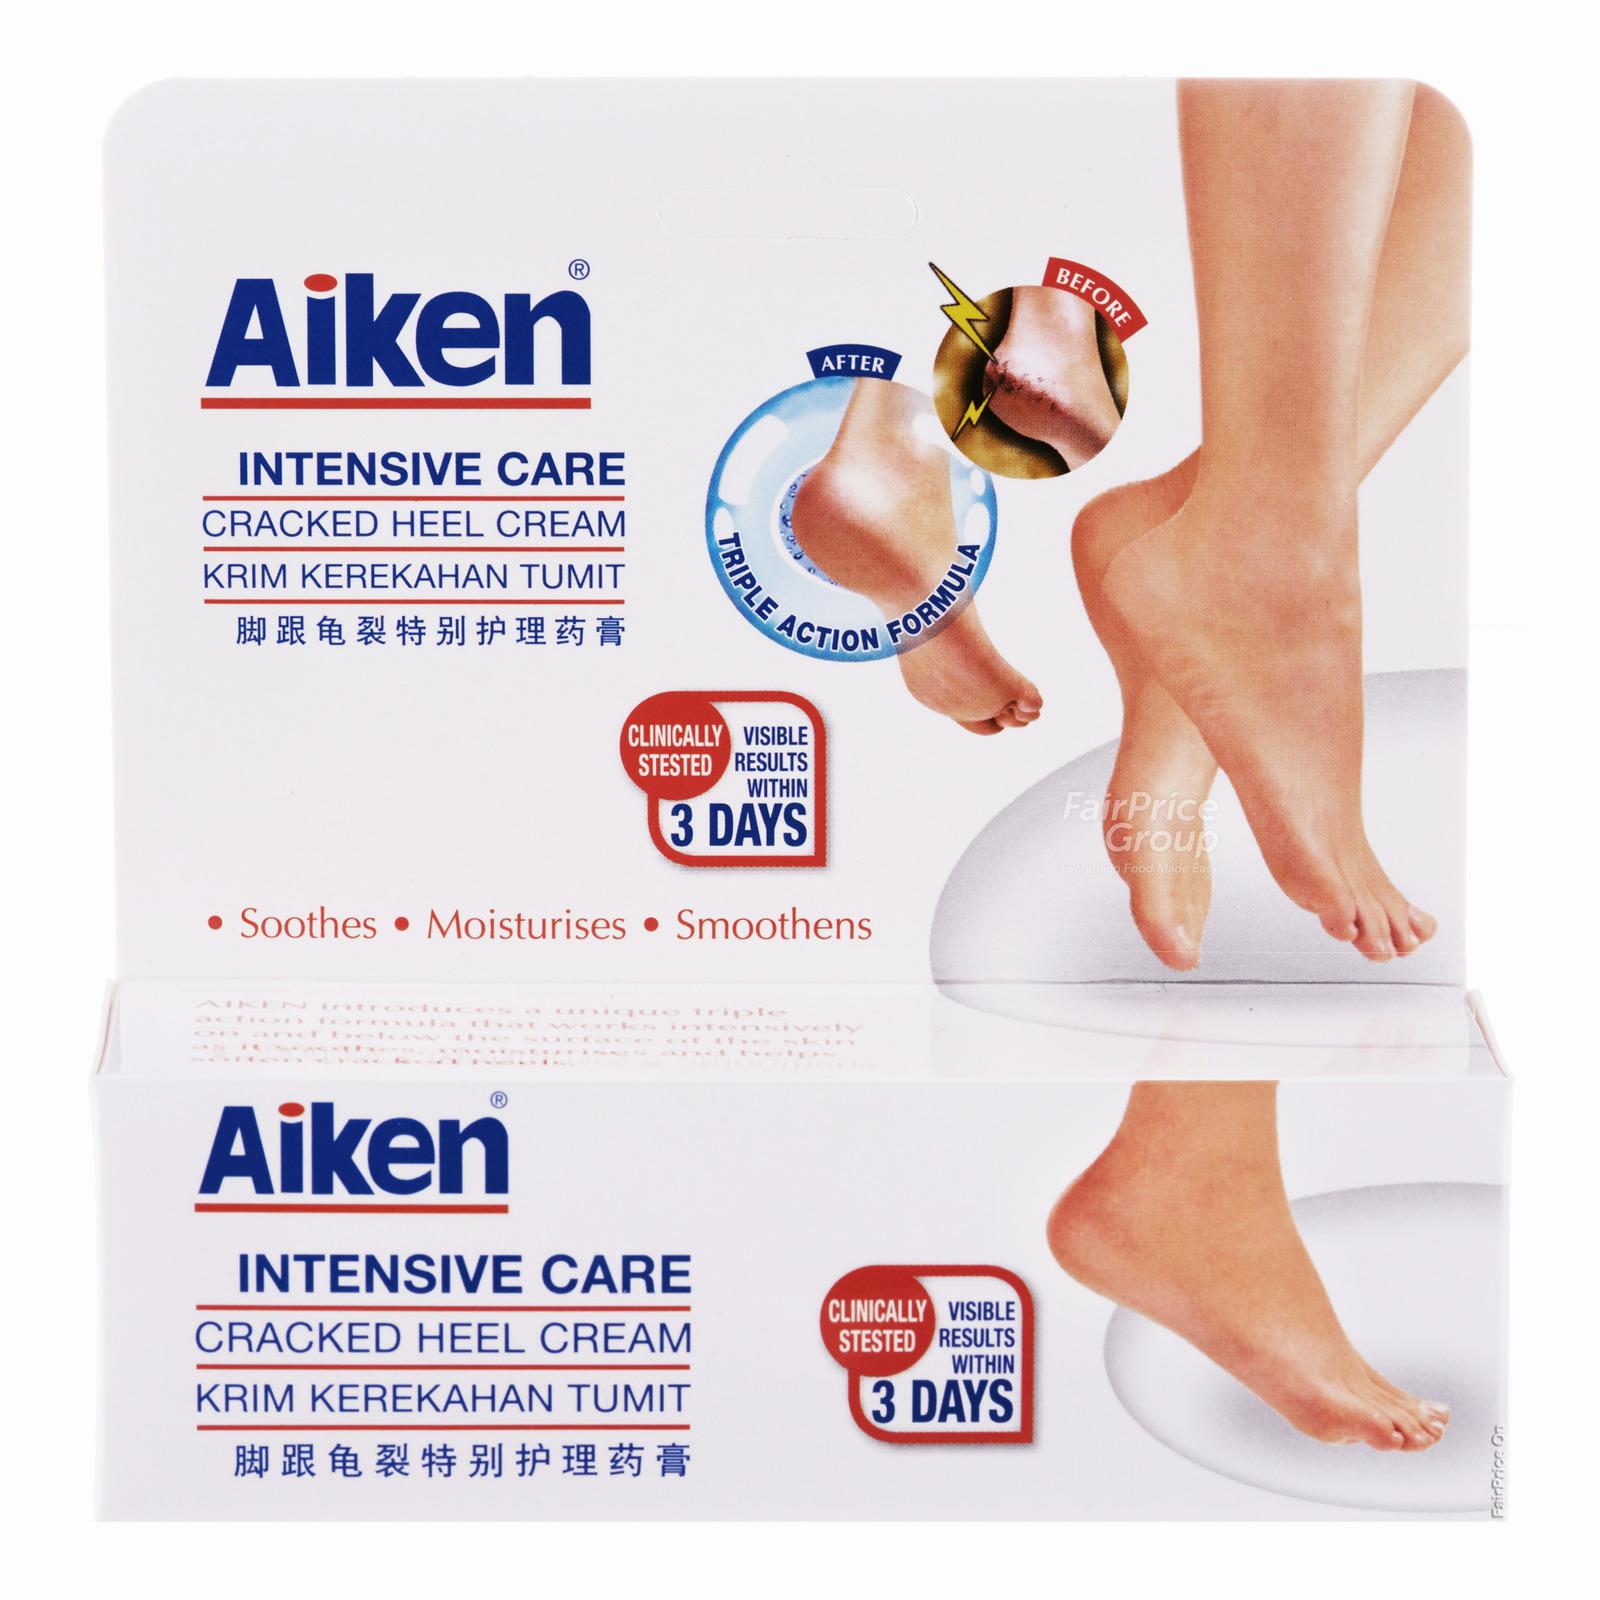 Aiken Cracked Heel Cream - Intensive Care